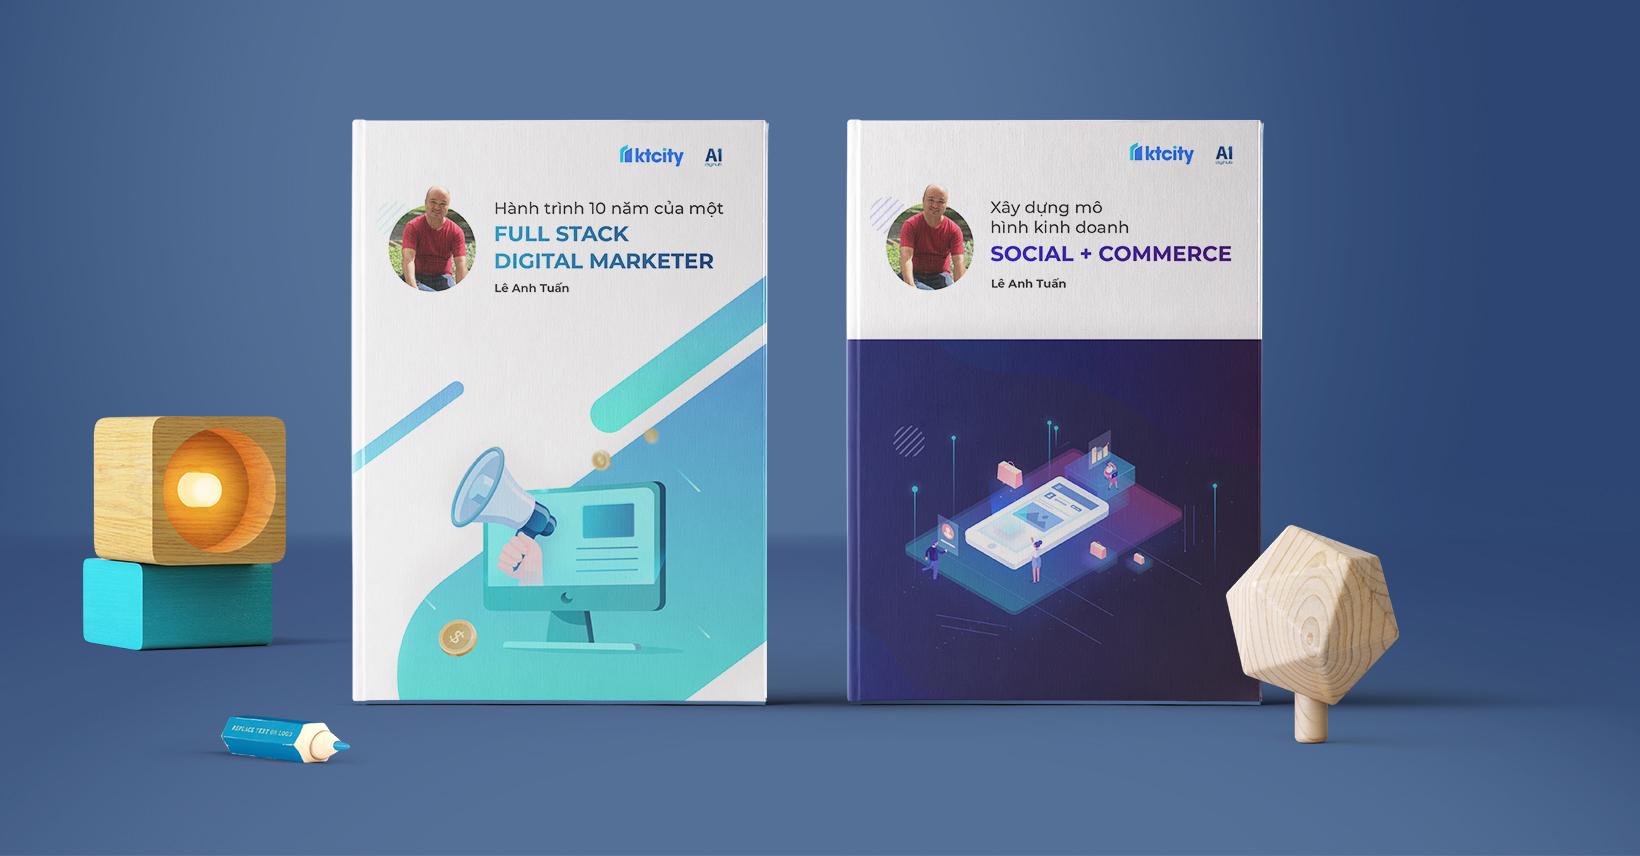 [Review Sách] – Hành Trình 10 Năm Của Full Stack Digital Marketer – Quyển Sách Giúp Bạn Trẻ Theo Ngành Marketing Bớt Hoang Mang Trên Con Đường Sự Nghiệp Của Mình